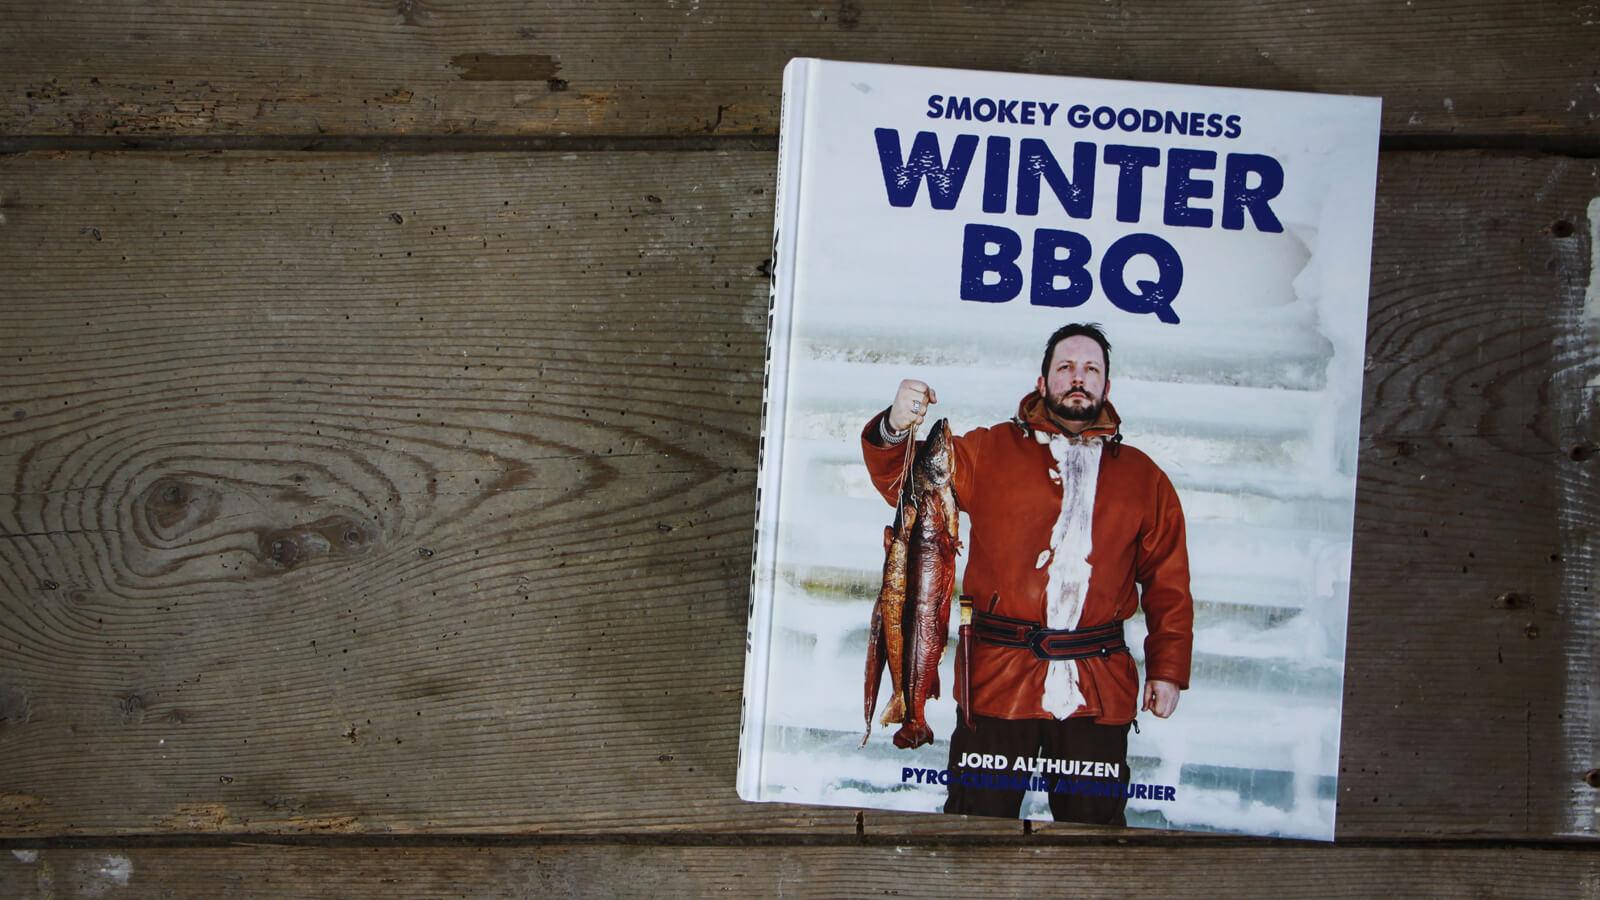 Boekreview: Smokey Goodness II | BBQ Junkie